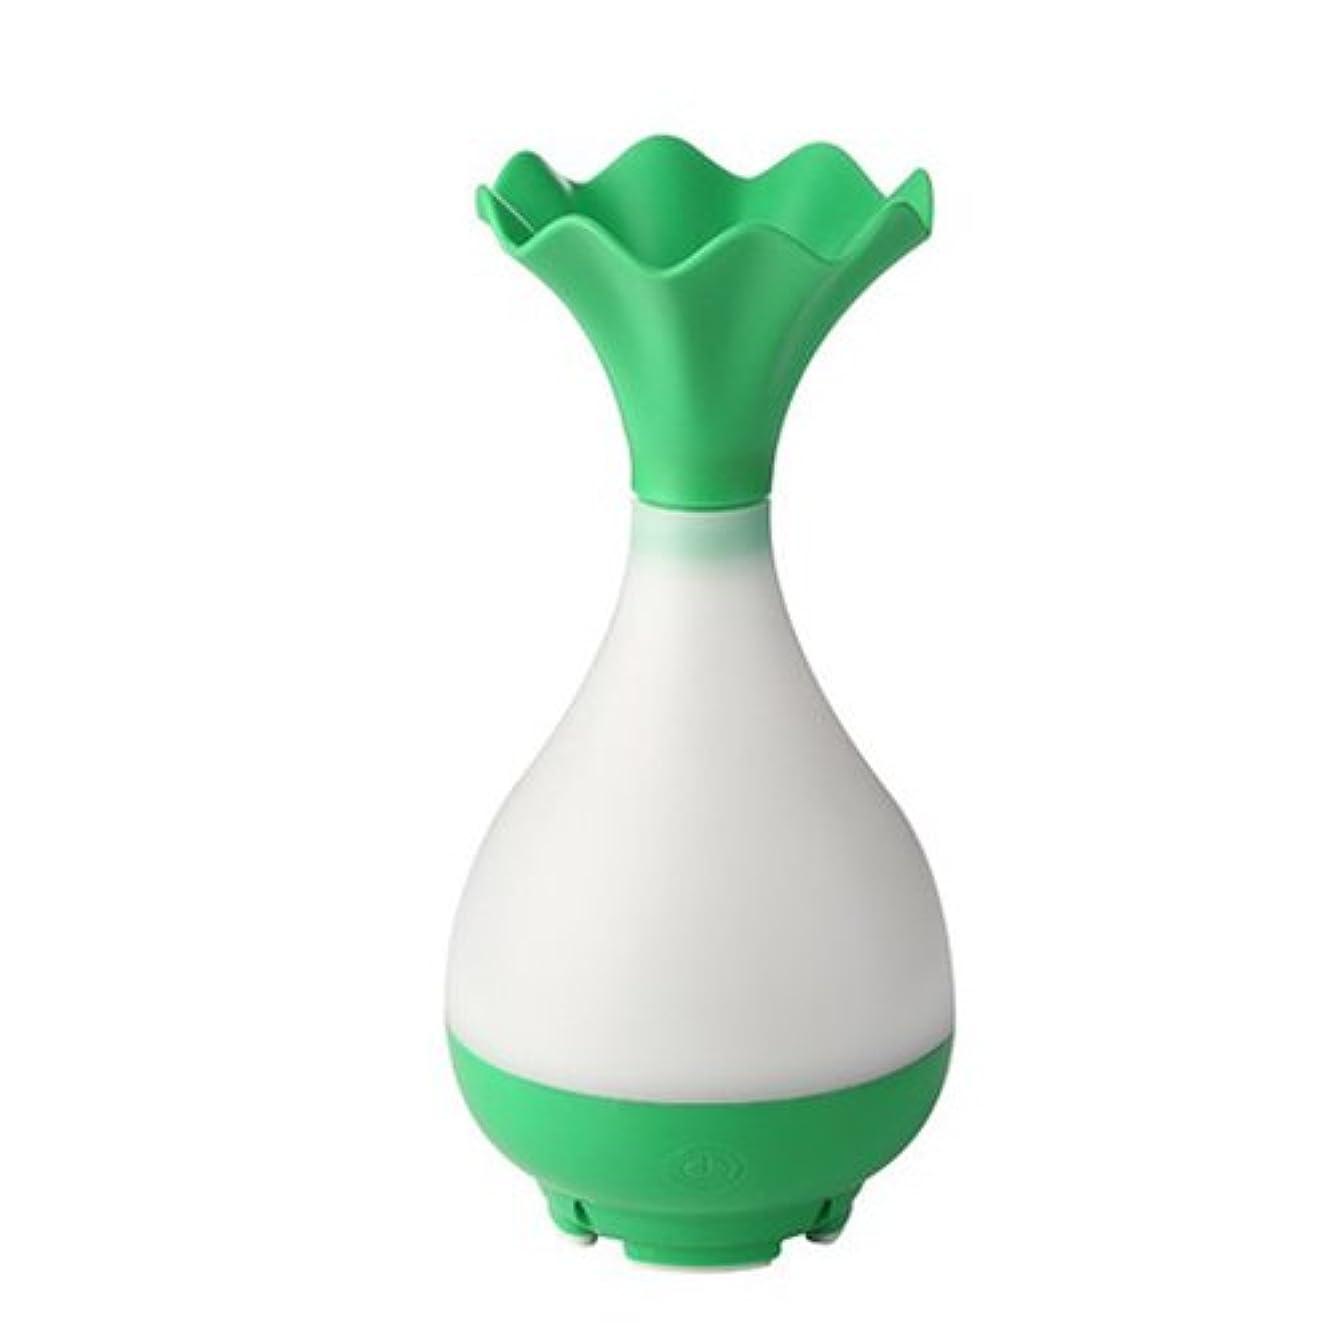 司書の慈悲でプレビスサイトMystic Moments   Green Vase Bottle USB Aromatherapy Oil Humidifier Diffuser with LED Lighting